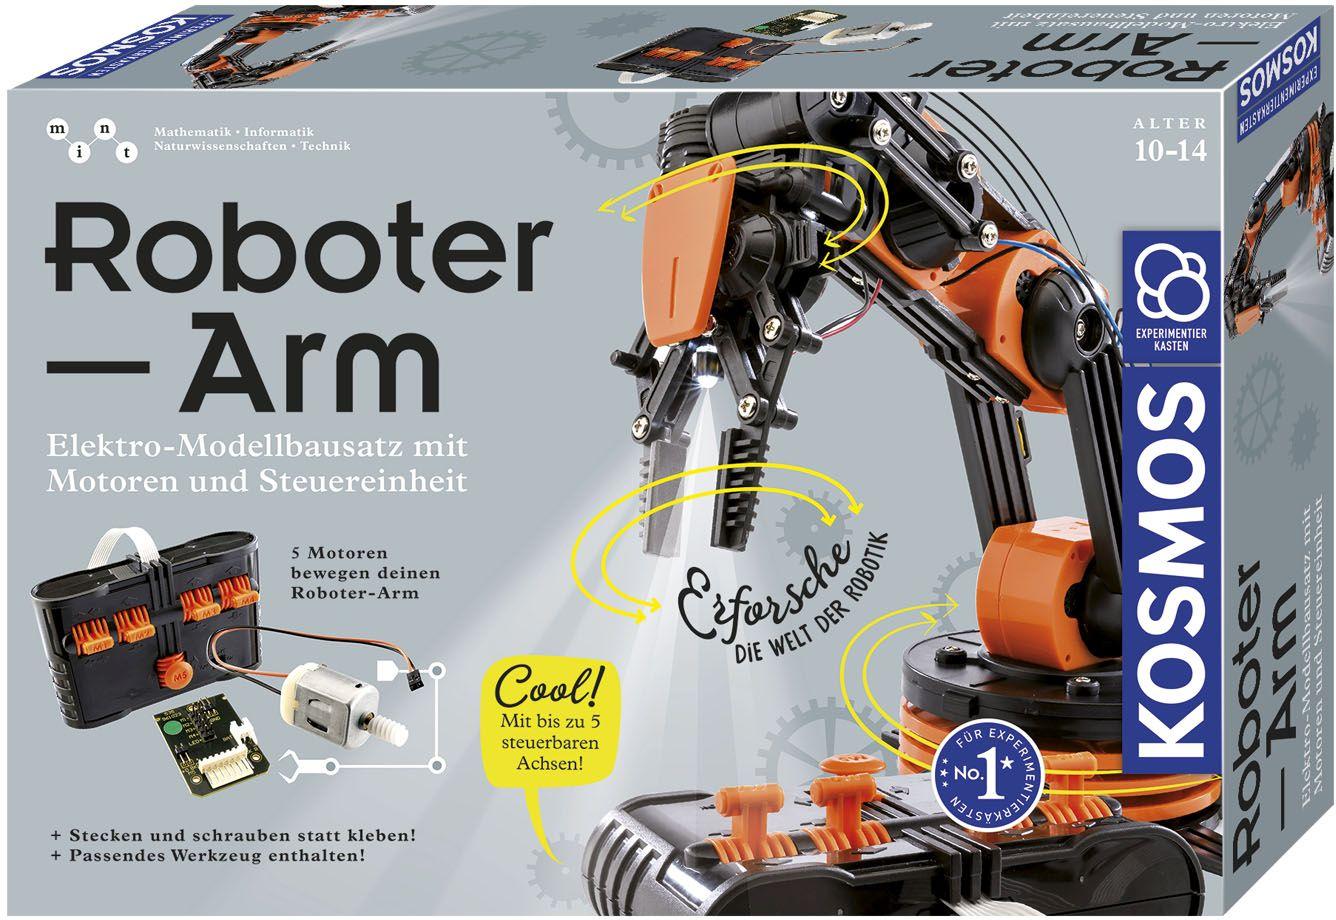 Roboter-Arm (drei Fragezeichen) als sonstige Artikel